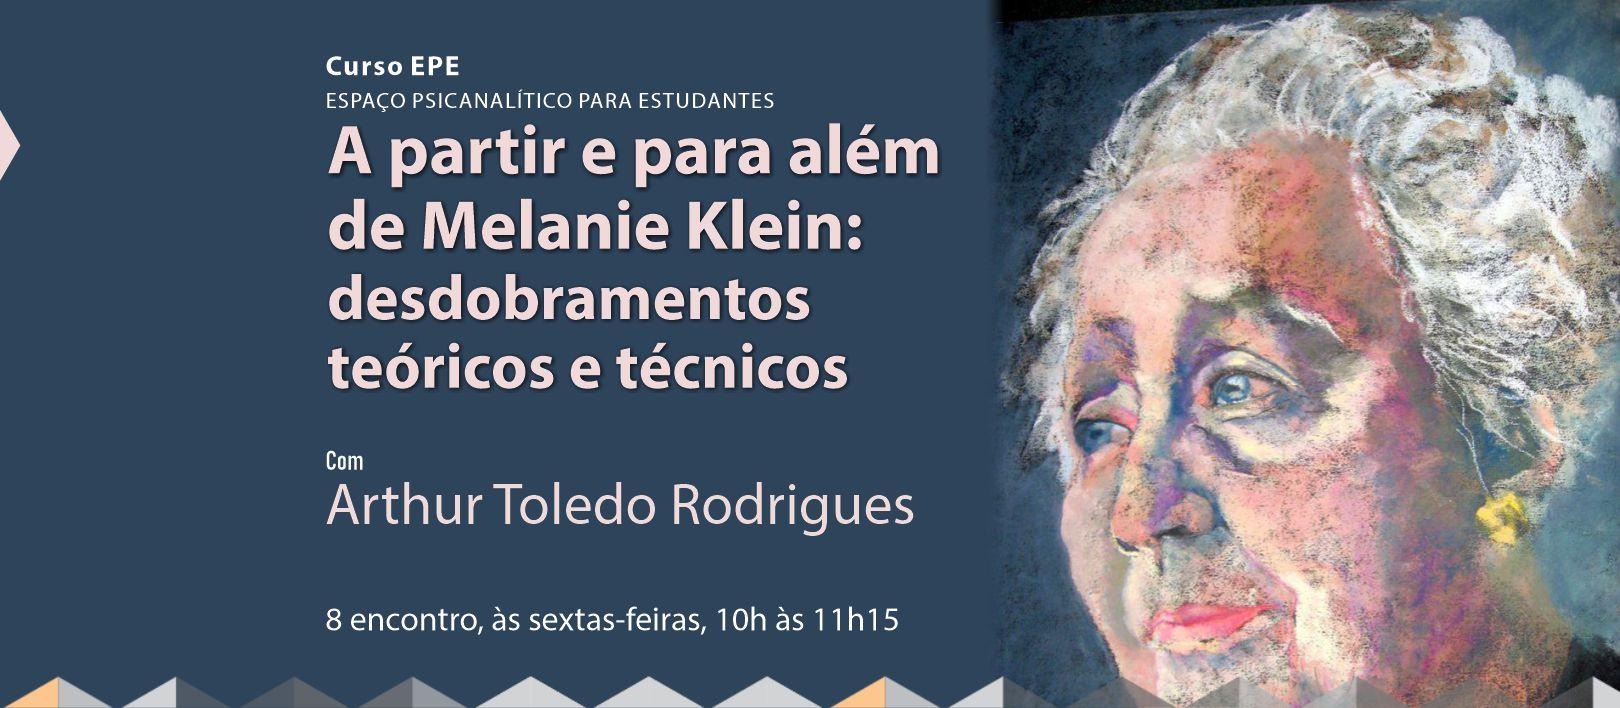 A partir e para além de Melanie Klein: desdobramentos teóricos e técnicos